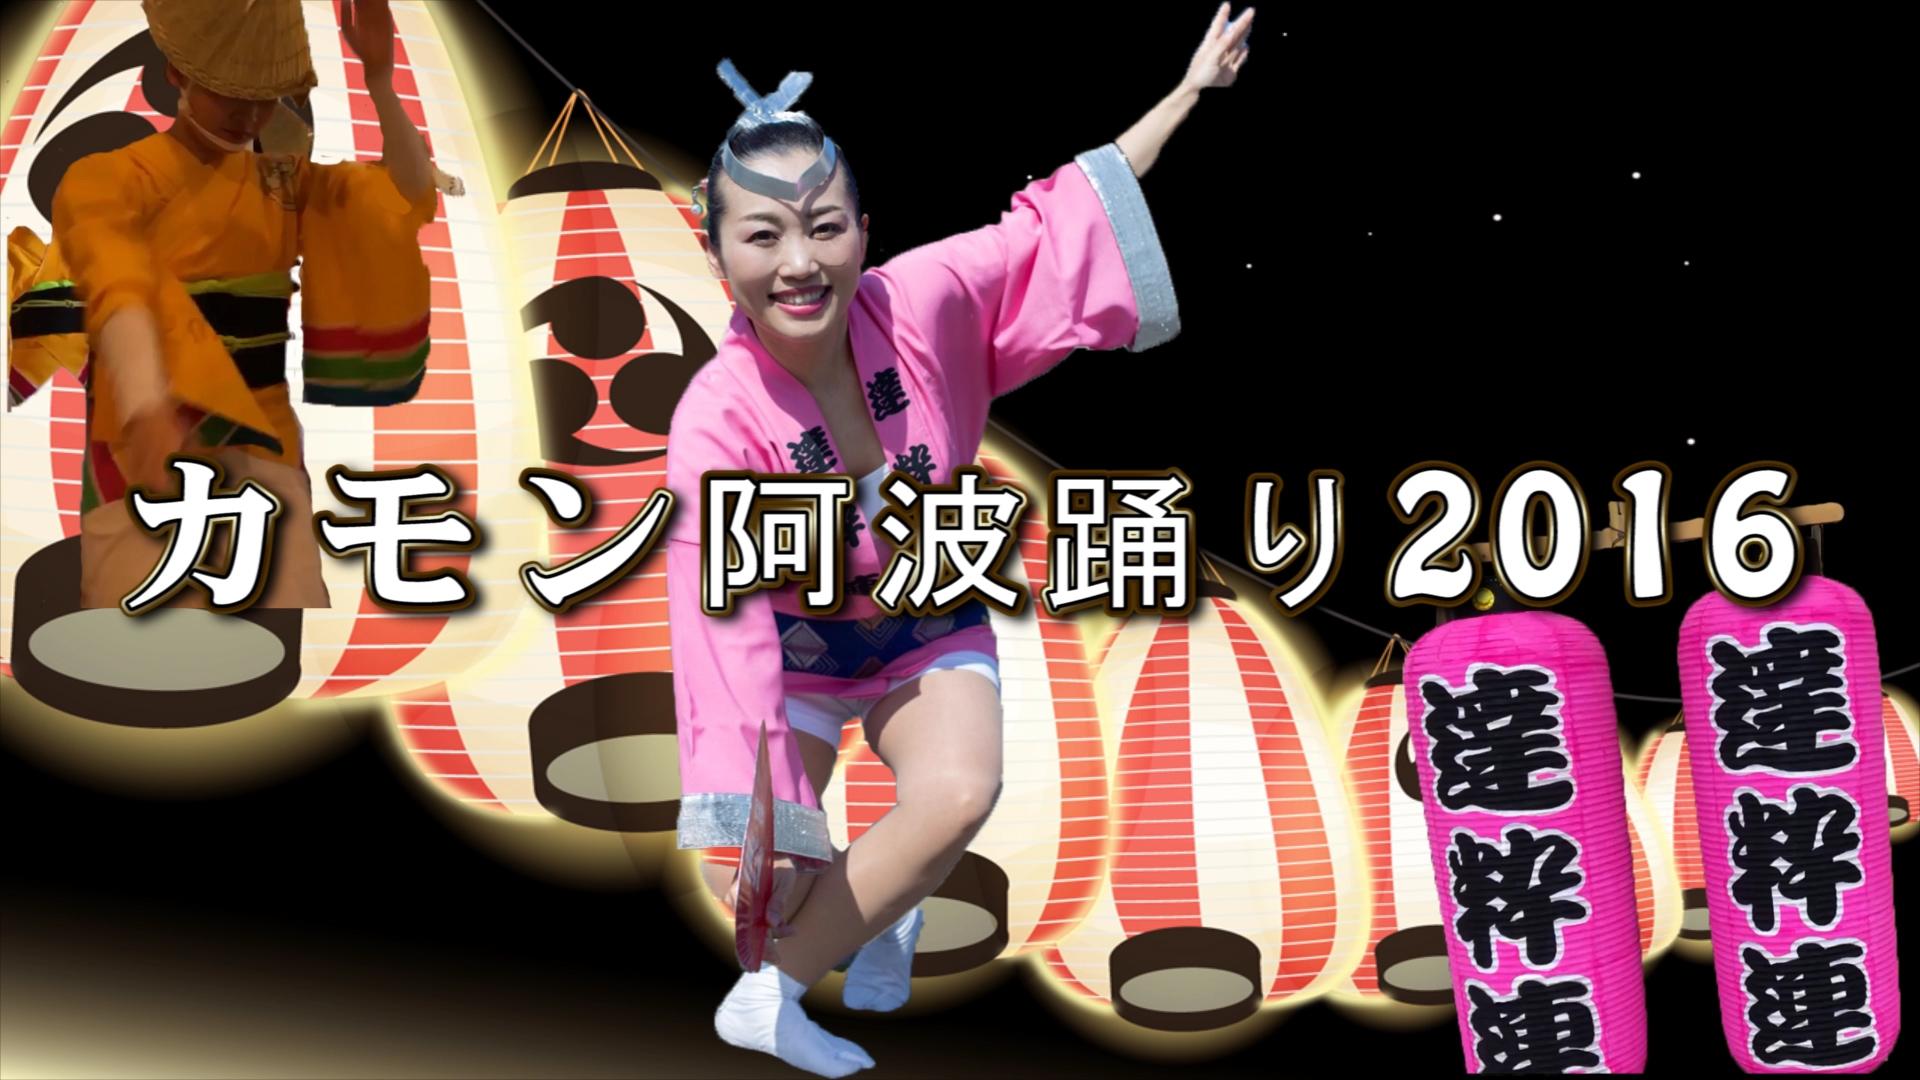 【達粋連の踊るレポータみいよがいく】カモン阿波踊り2016 #1